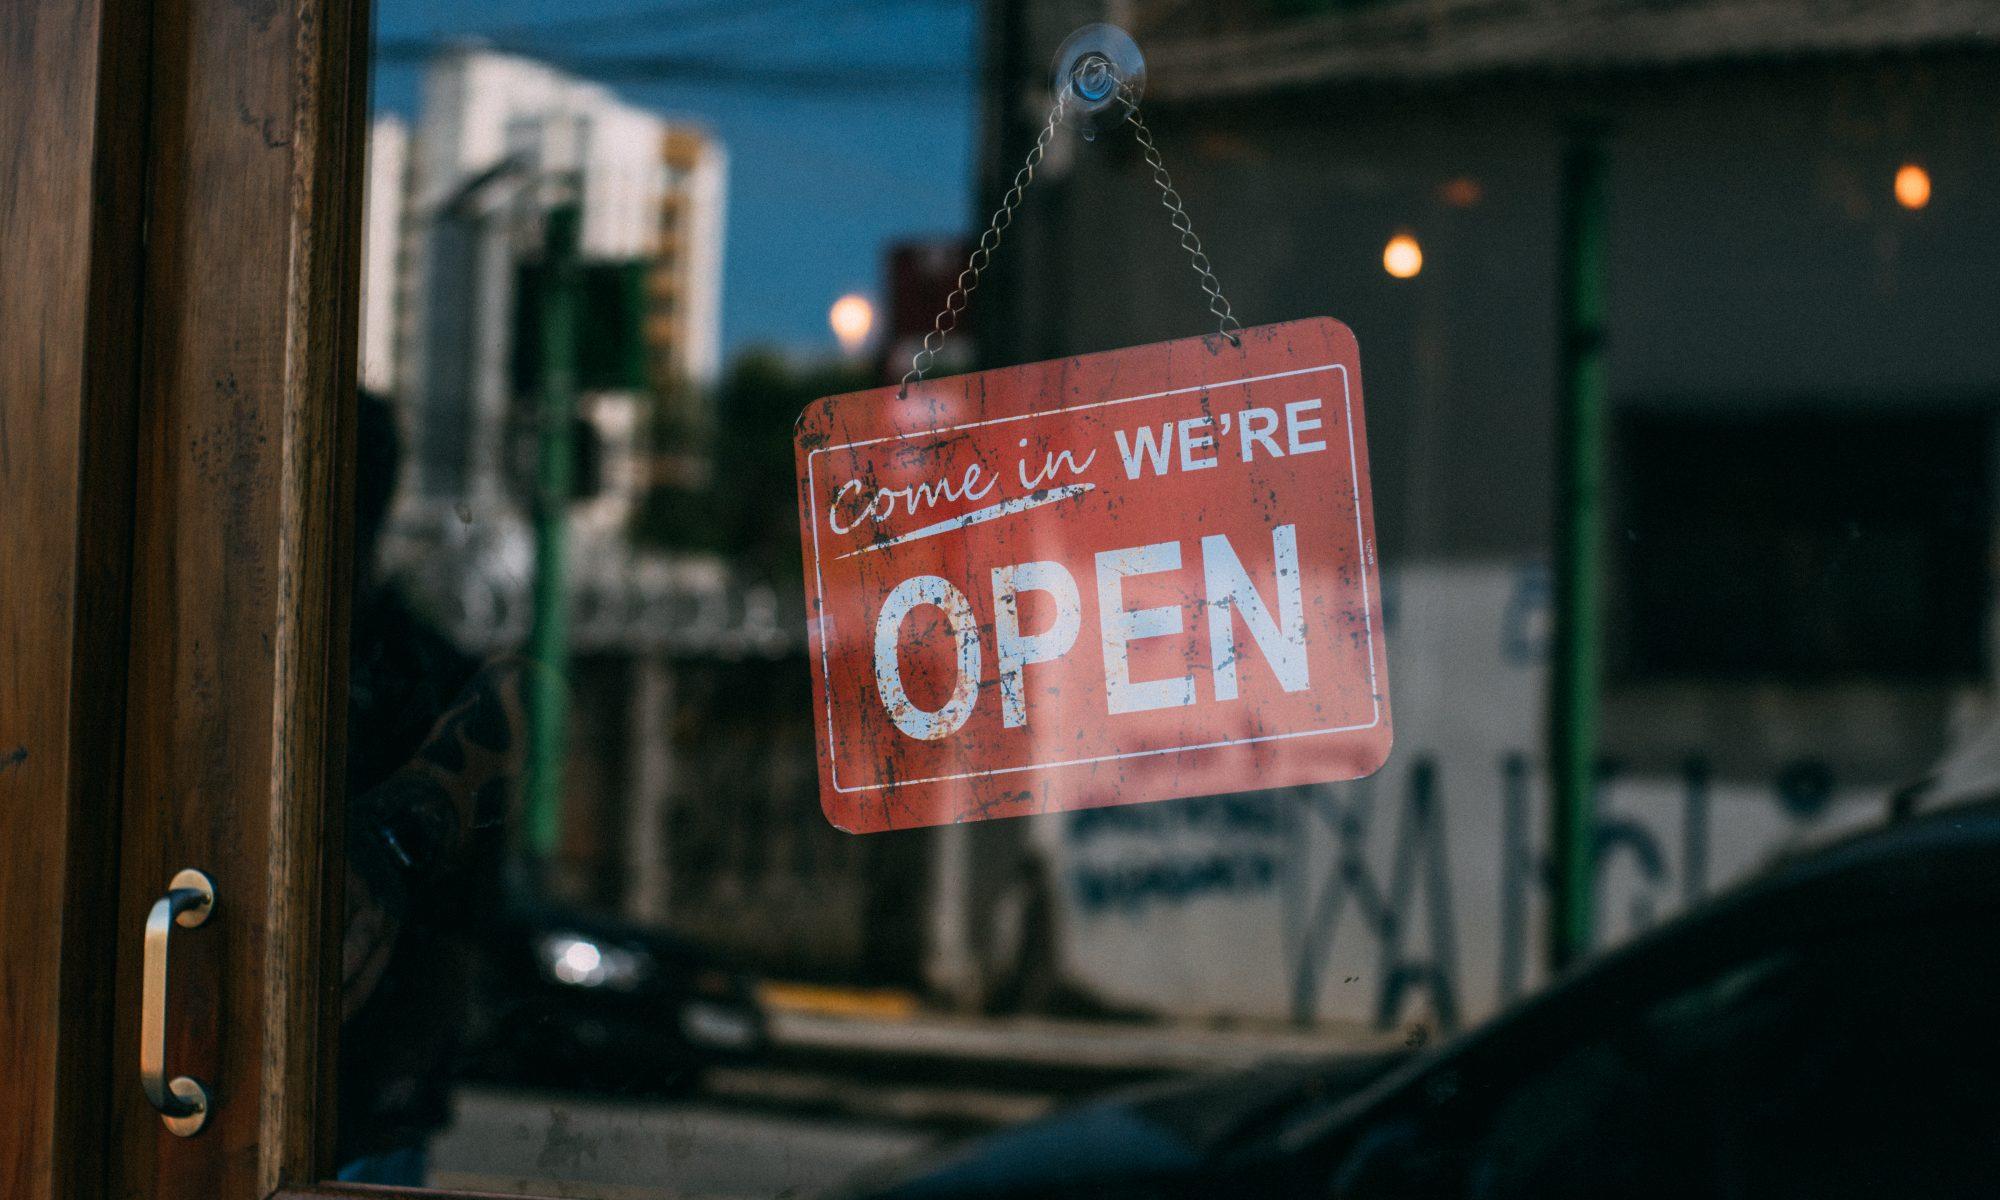 Open sign in a glass door